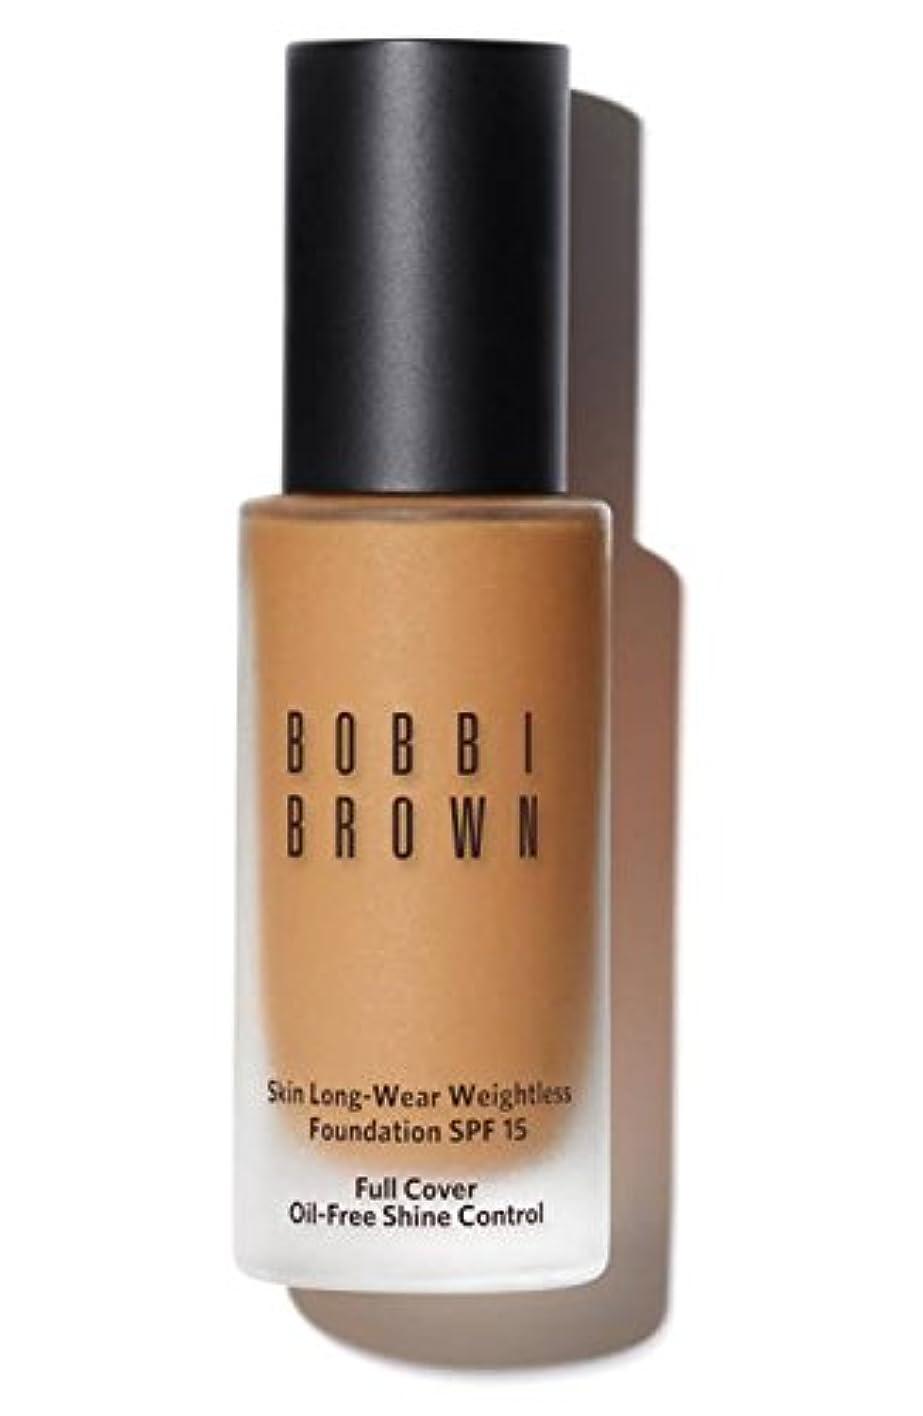 統計カフェテリア月ボビイ ブラウン Skin Long Wear Weightless Foundation SPF 15 - # Golden Natural 30ml/1oz並行輸入品